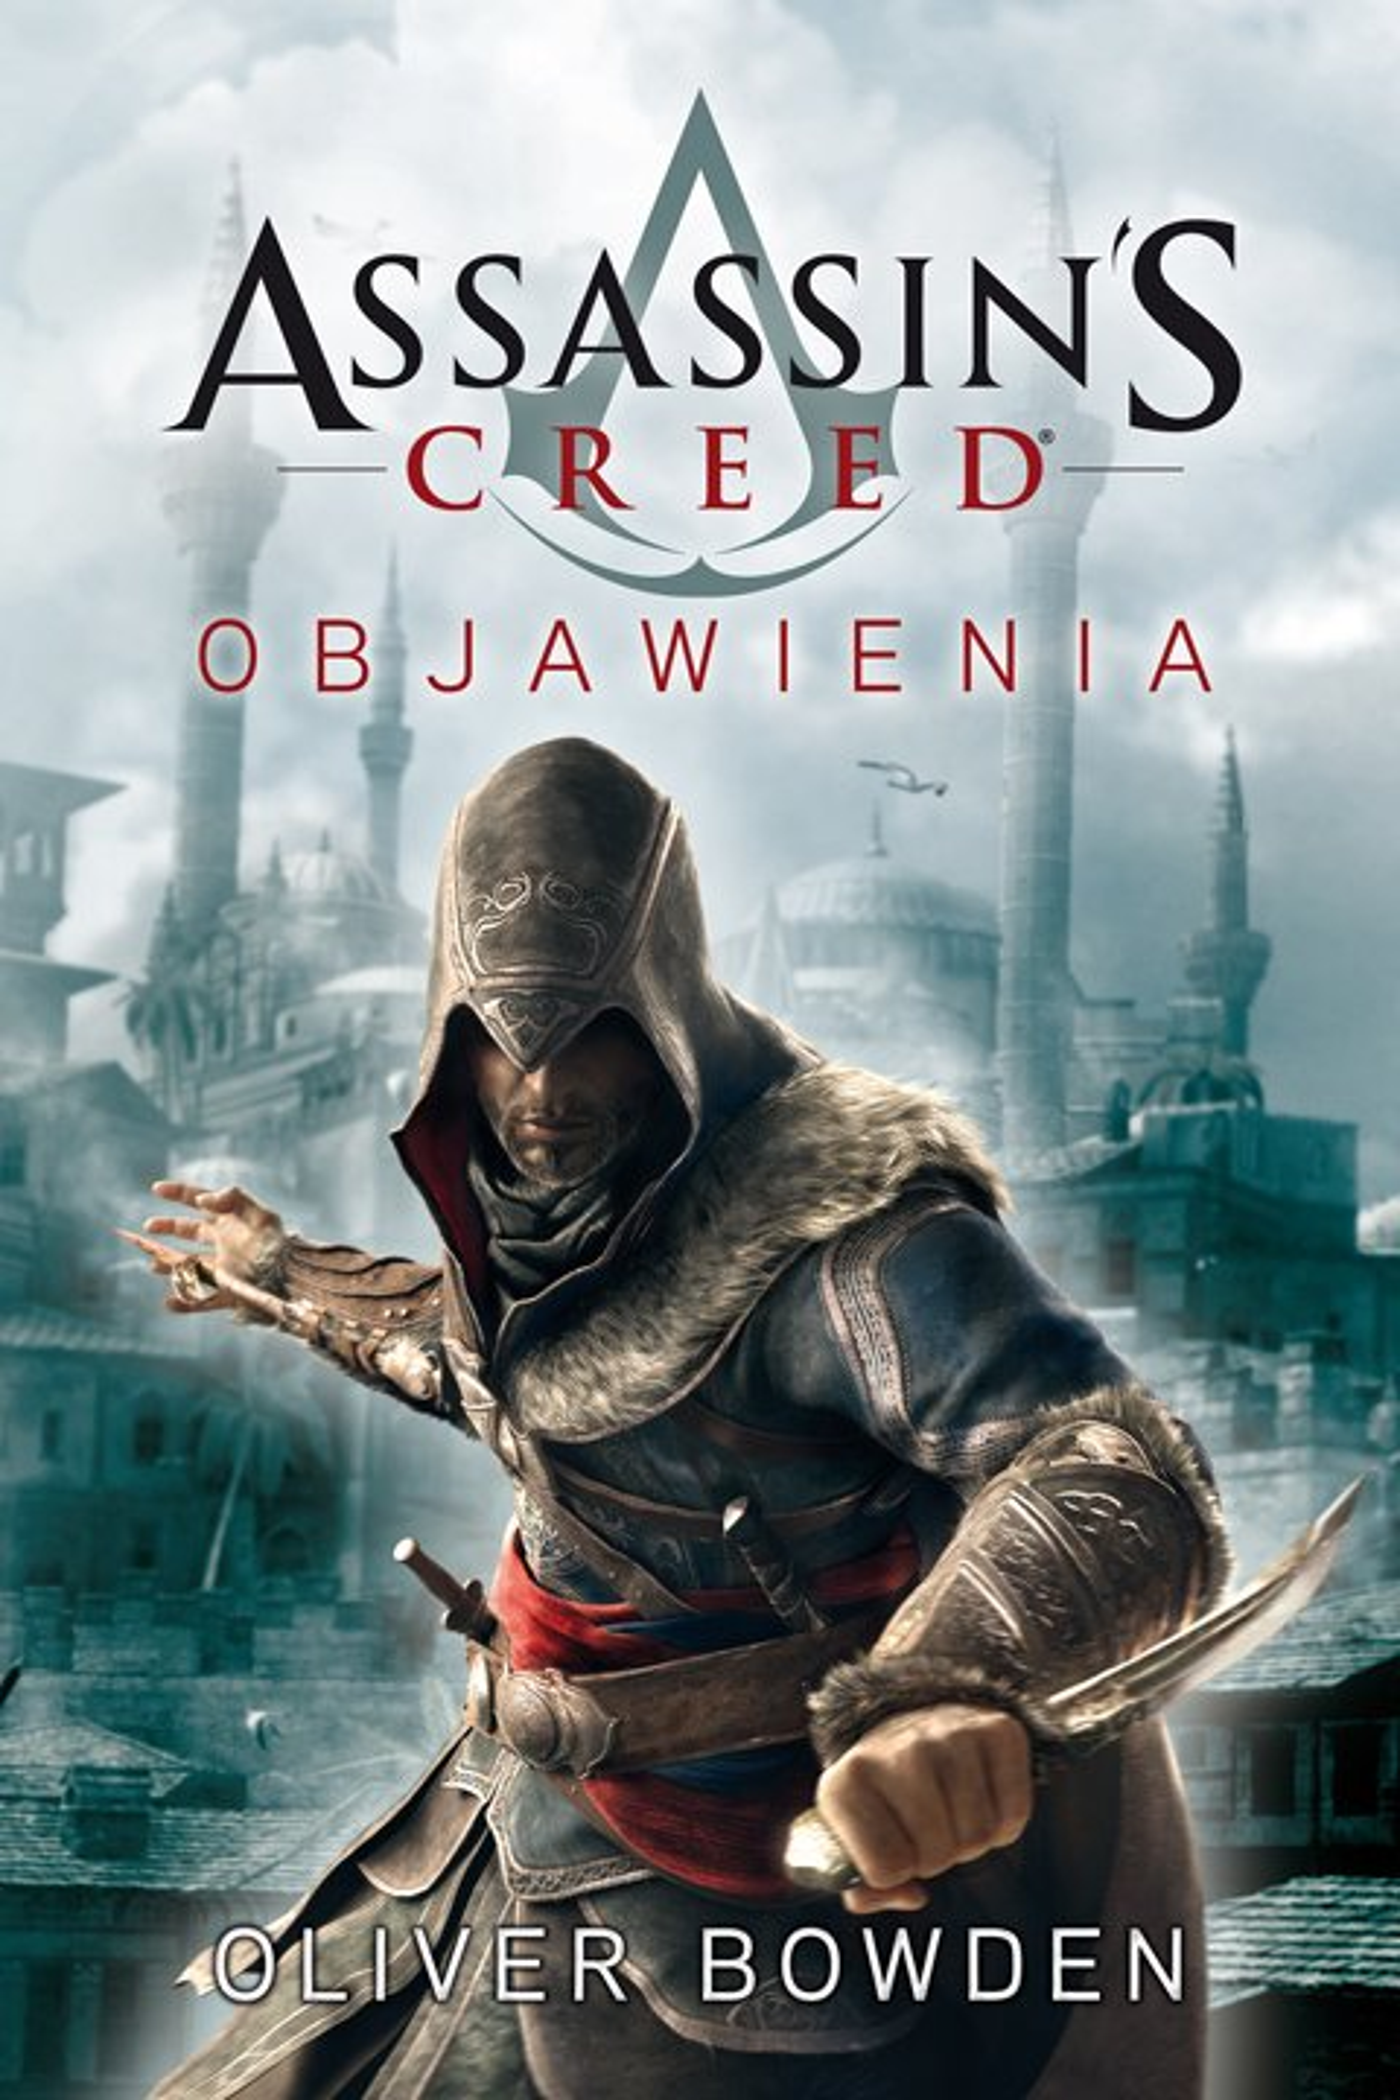 Assassin's Creed: Objawienia - Ebook (Książka EPUB) do pobrania w formacie EPUB